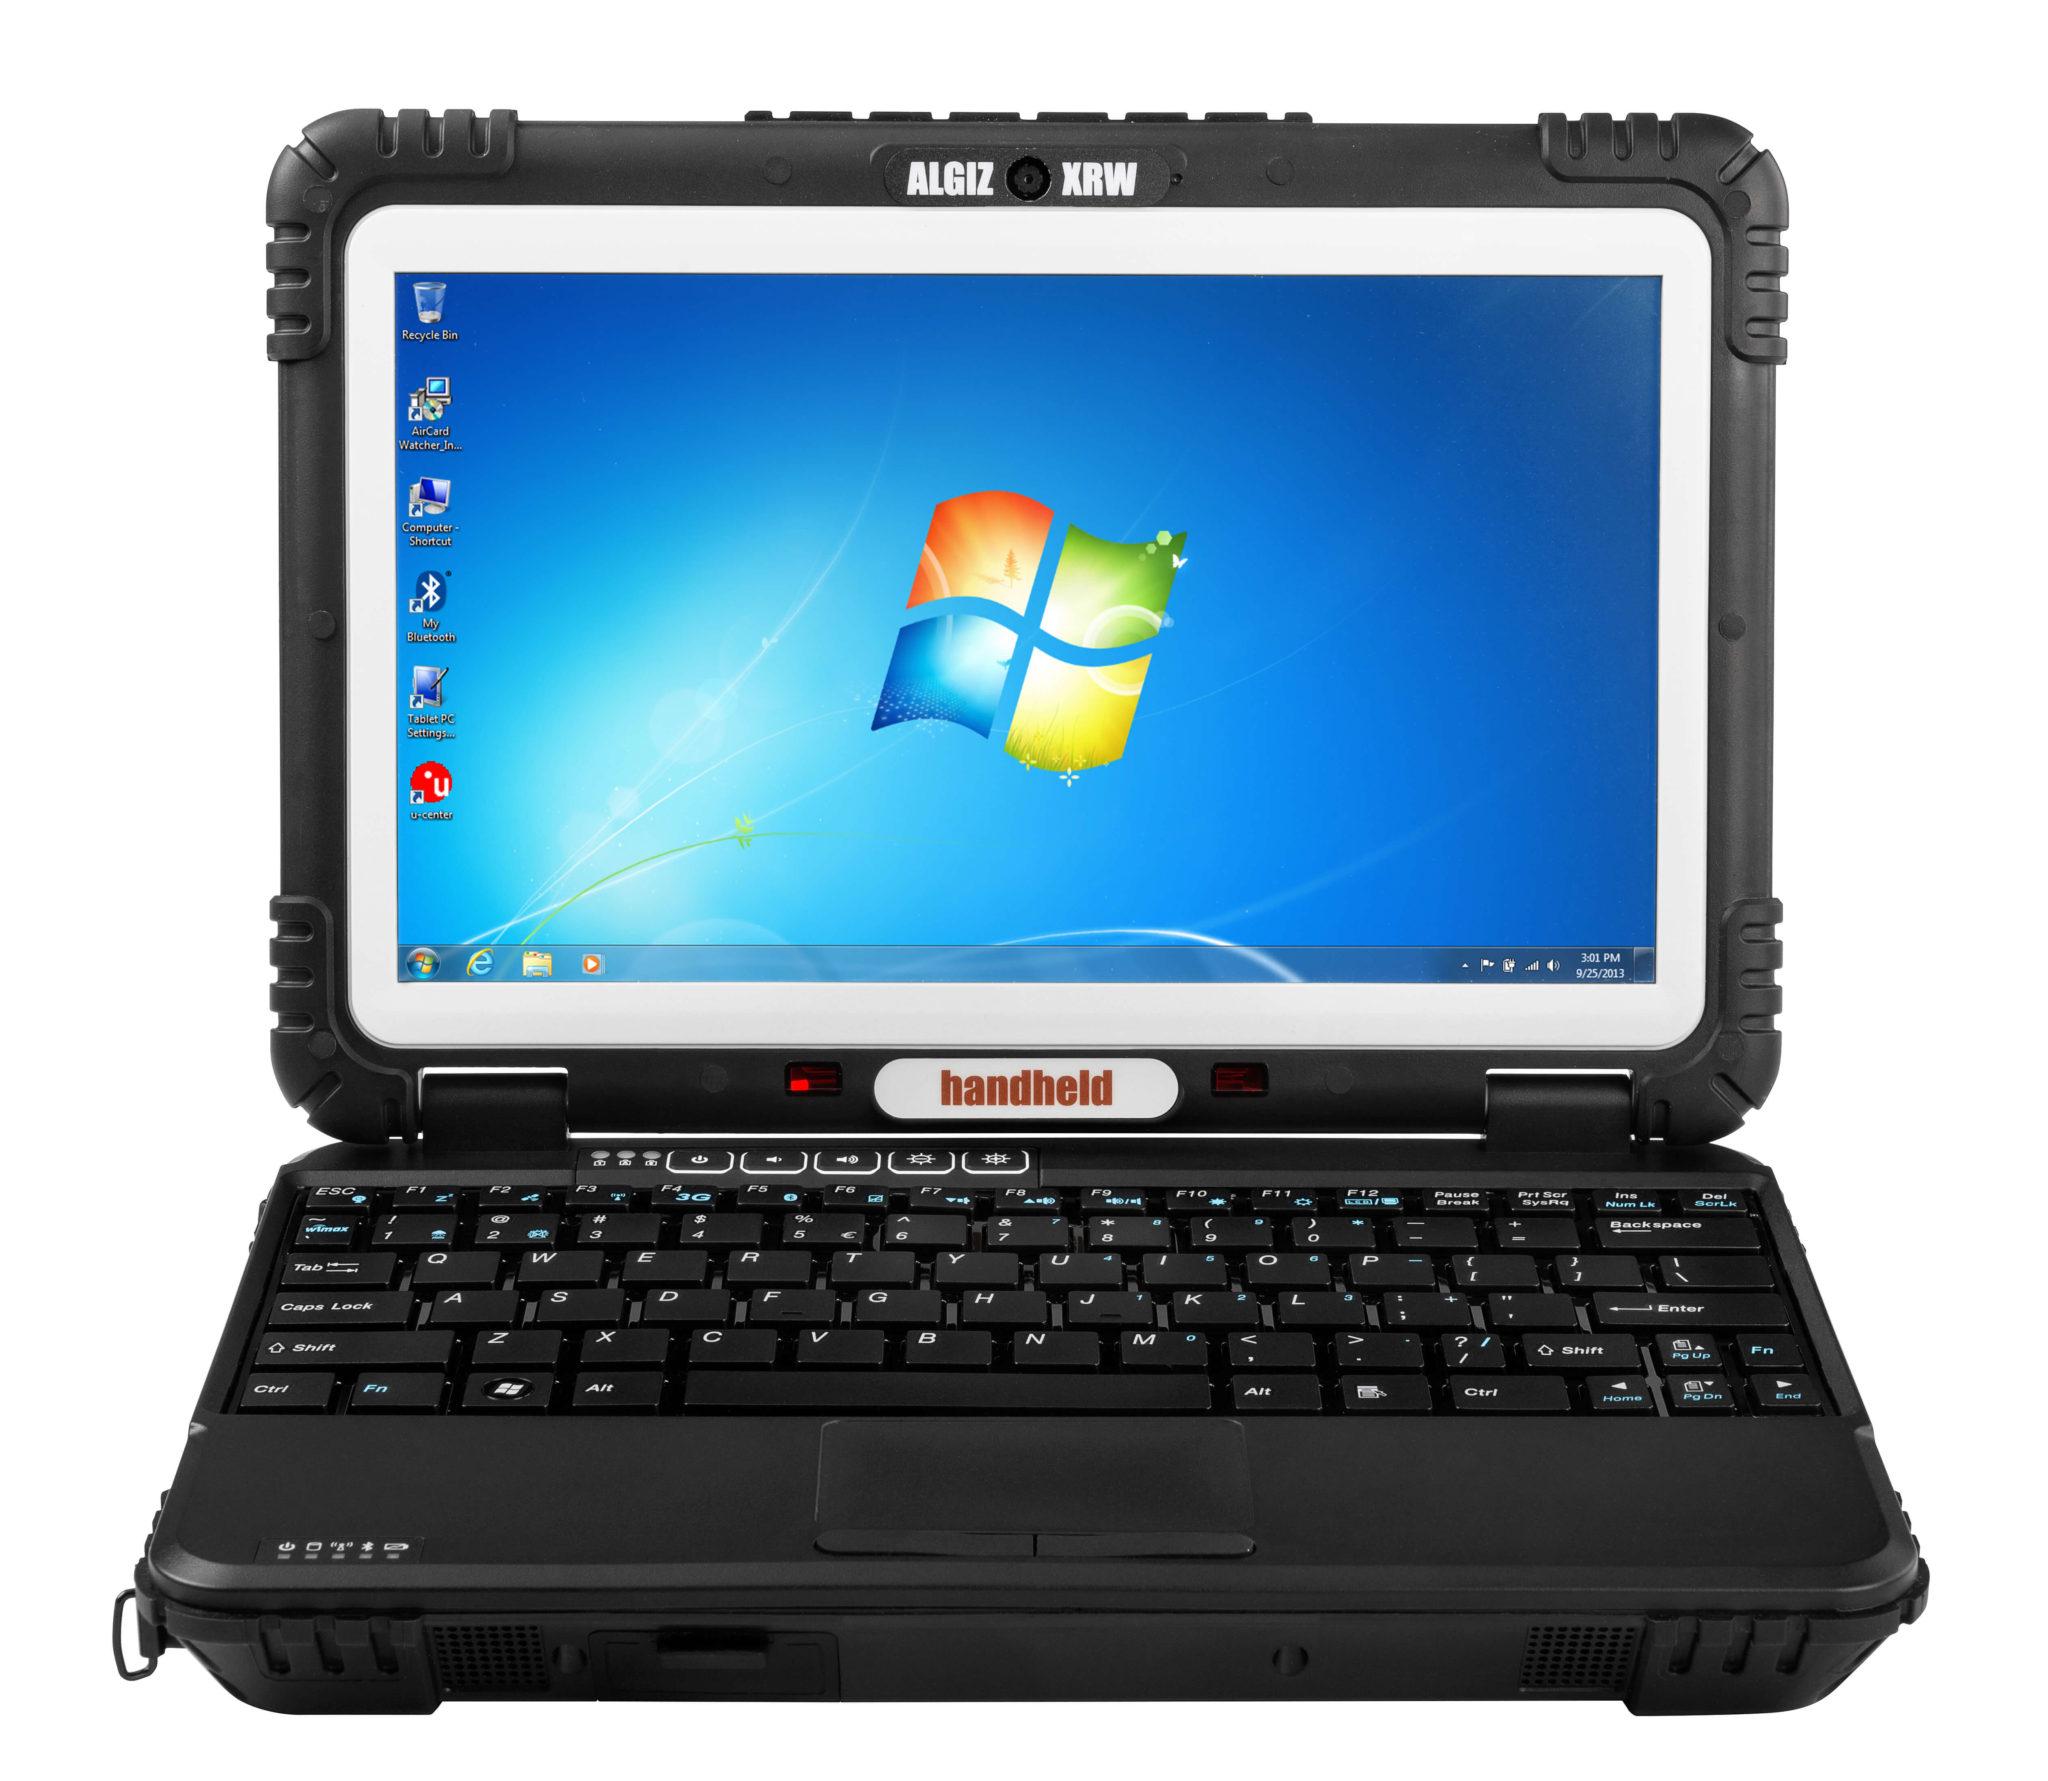 algiz-xrw-maxview-rugged-handheld-windows7-new